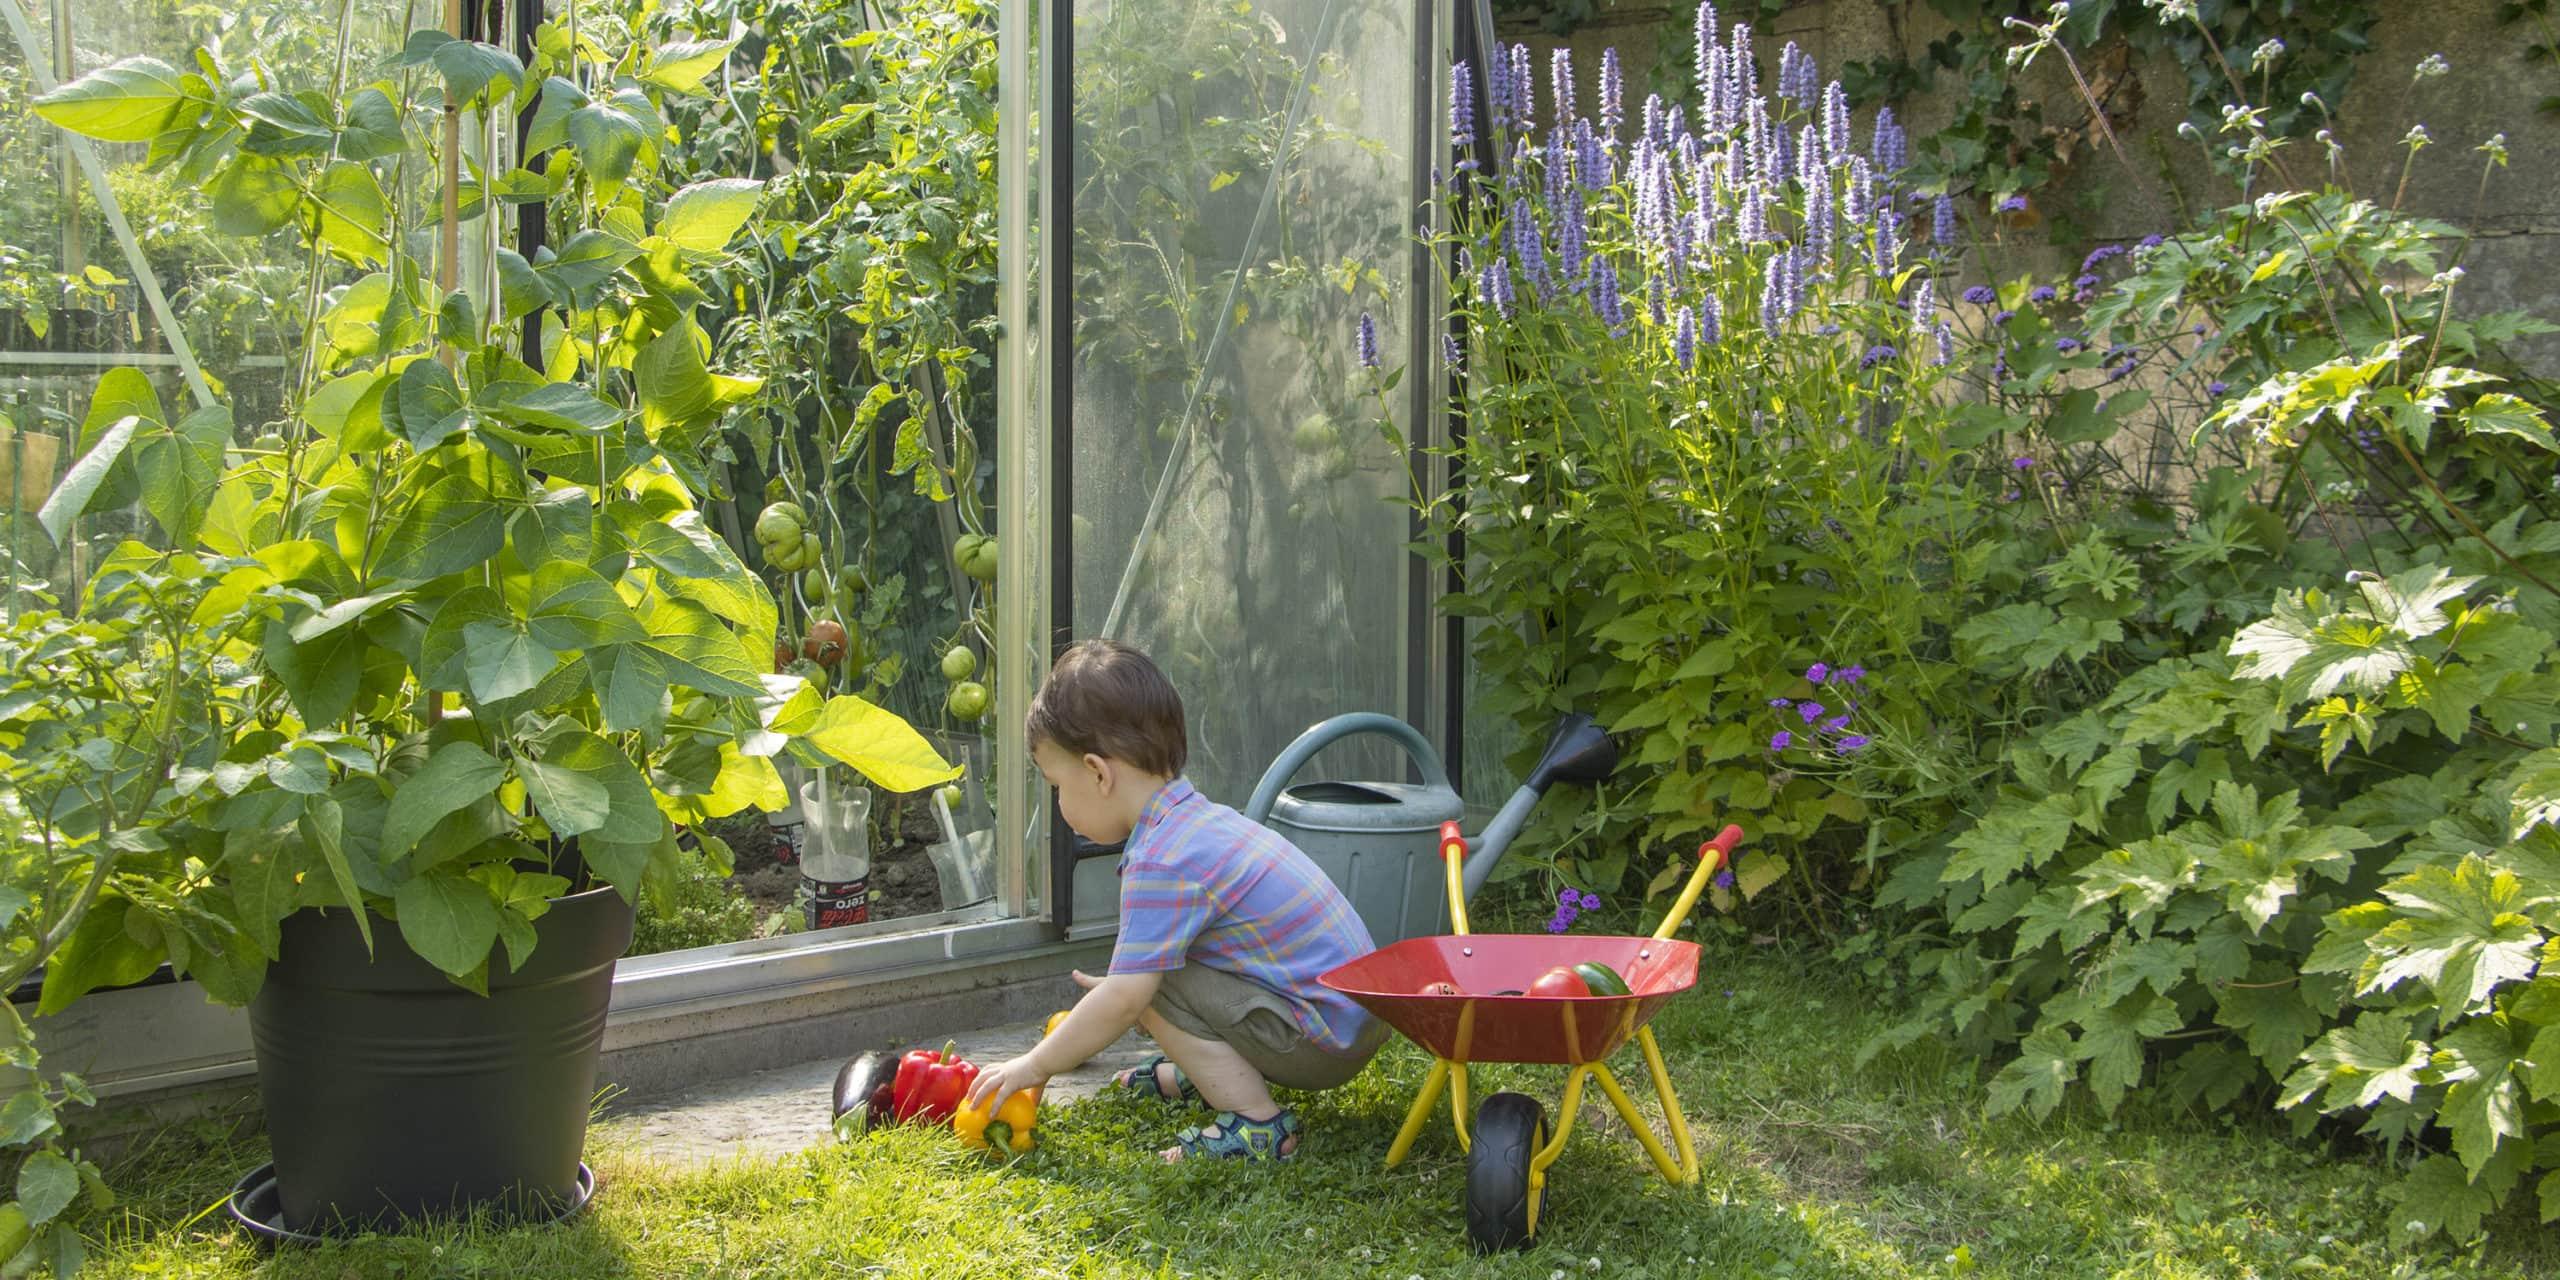 Kasvuhoone ja loodusharidus